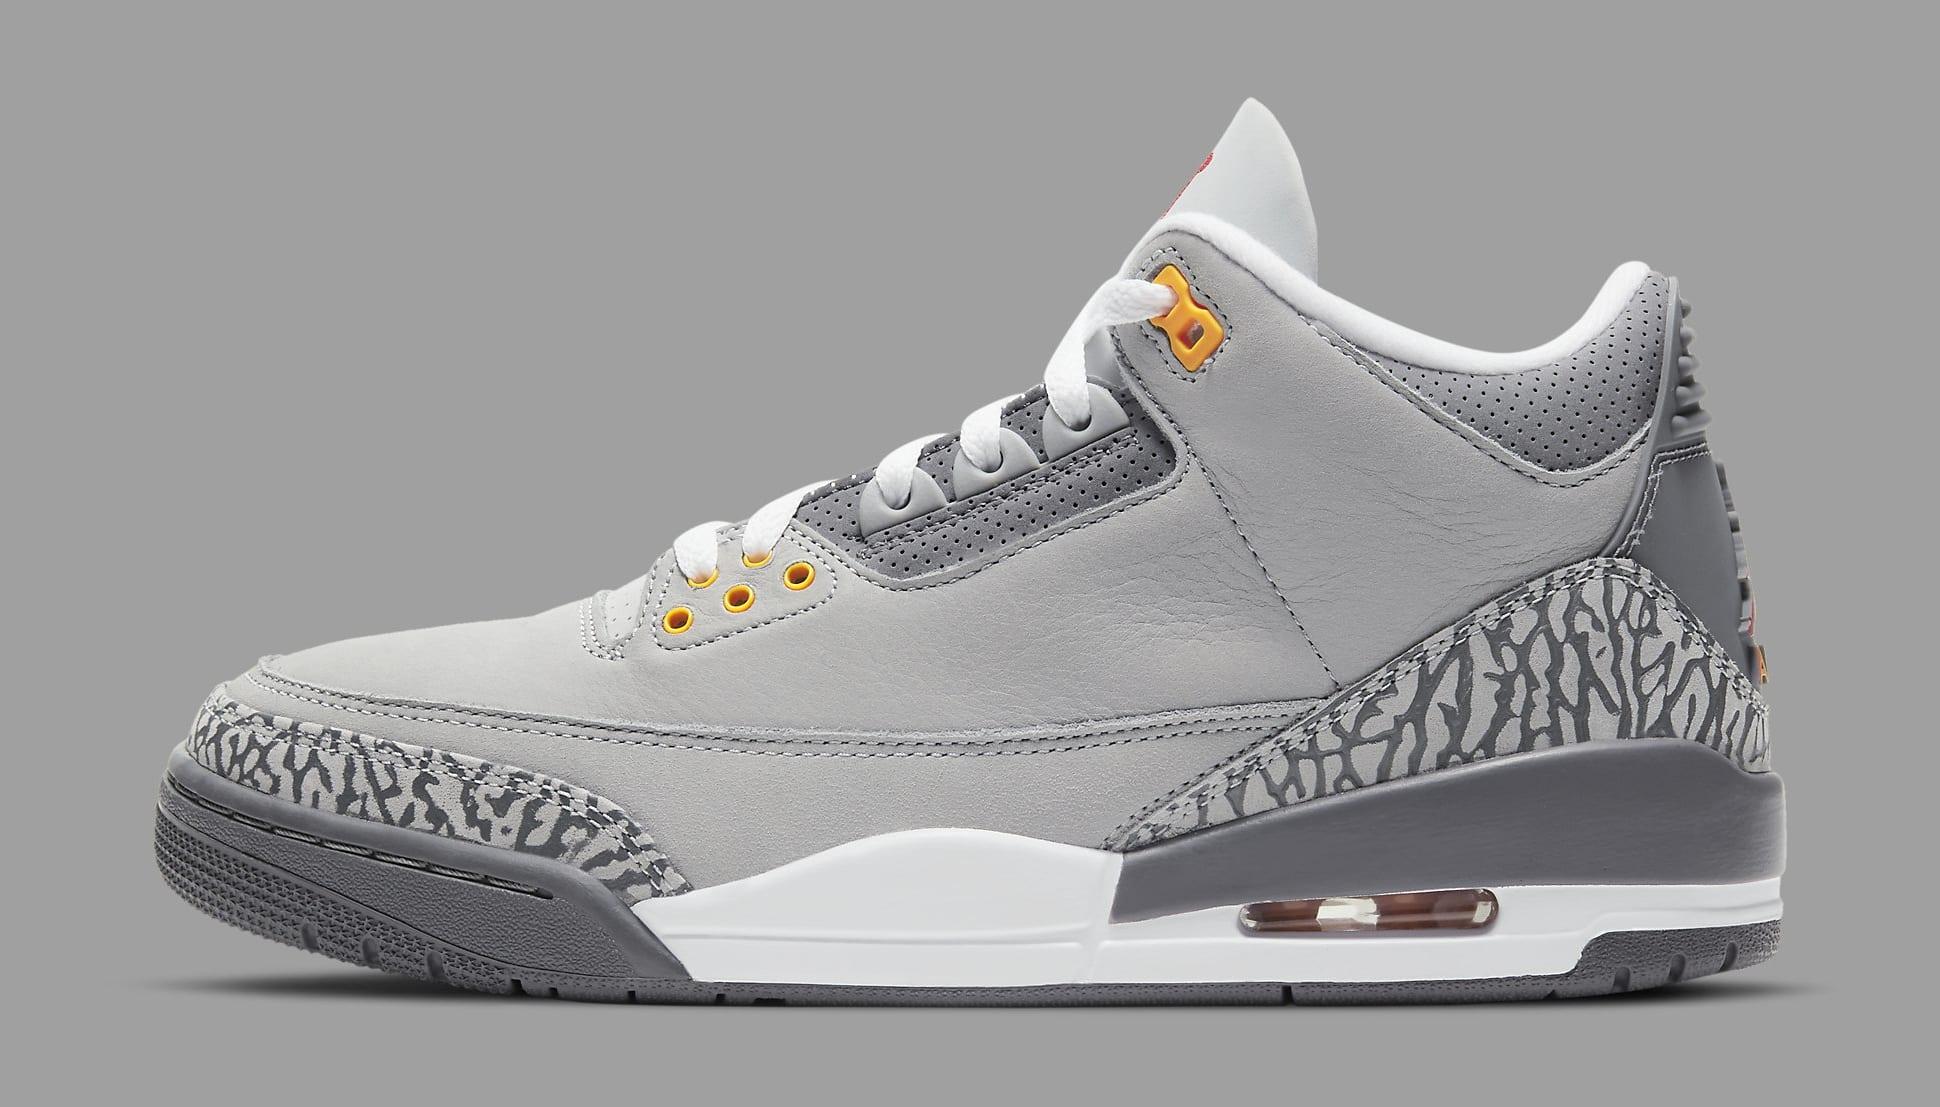 Air Jordan 3 'Cool Grey'